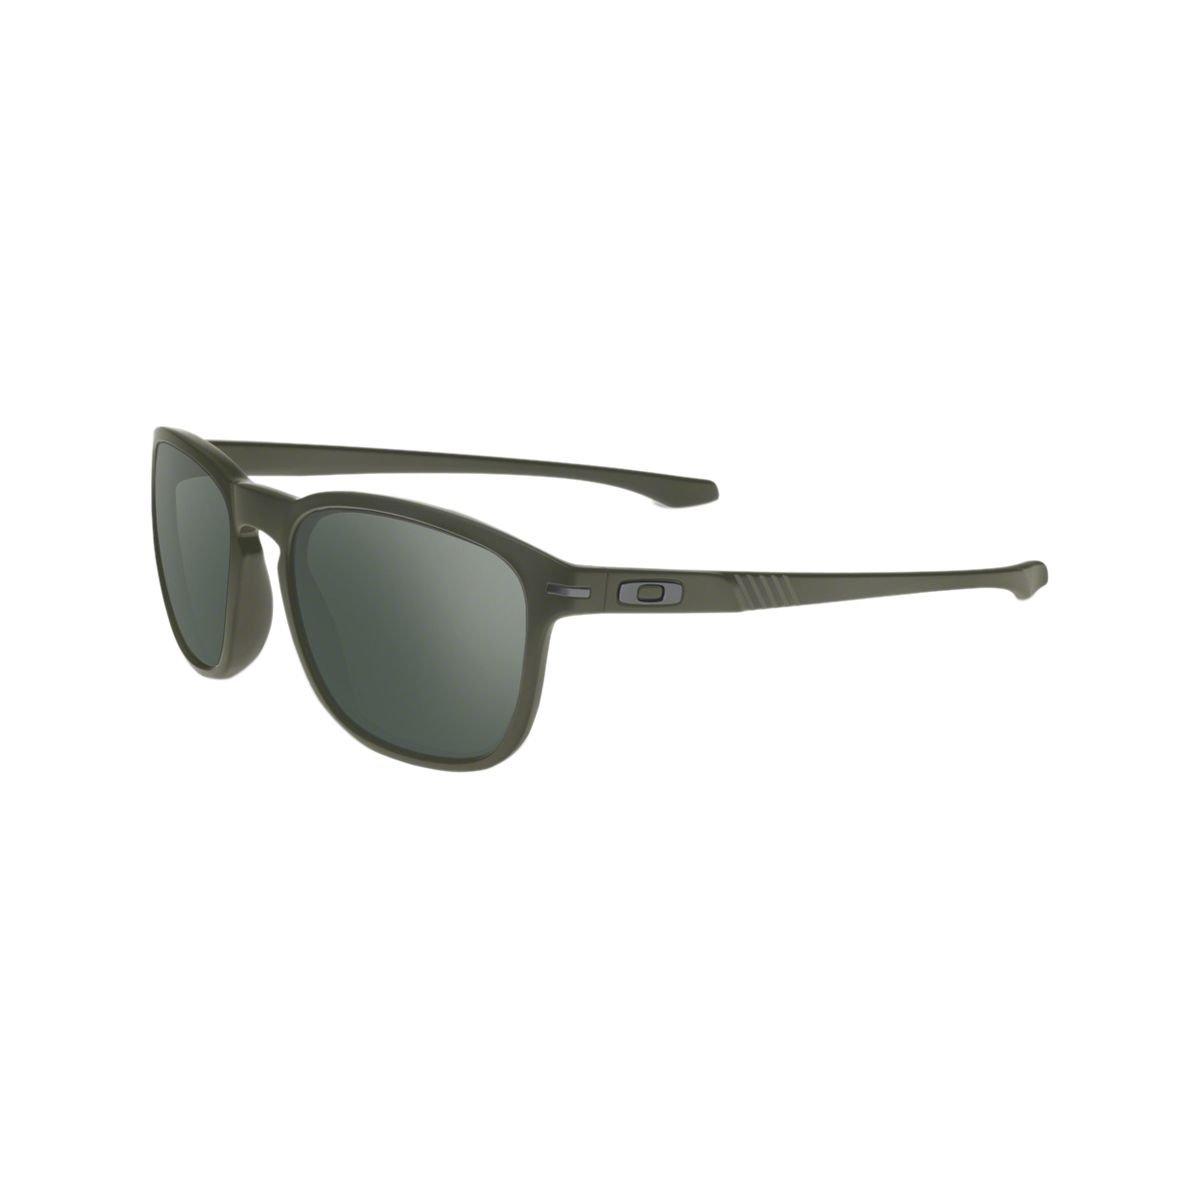 Oakley Unisex Sonnenbrille Enduro, Gr. Large (Herstellergröße: 55), Mehrfarbig (Gestell: matt Moss; Gläser: Dark Grey 9223-16)